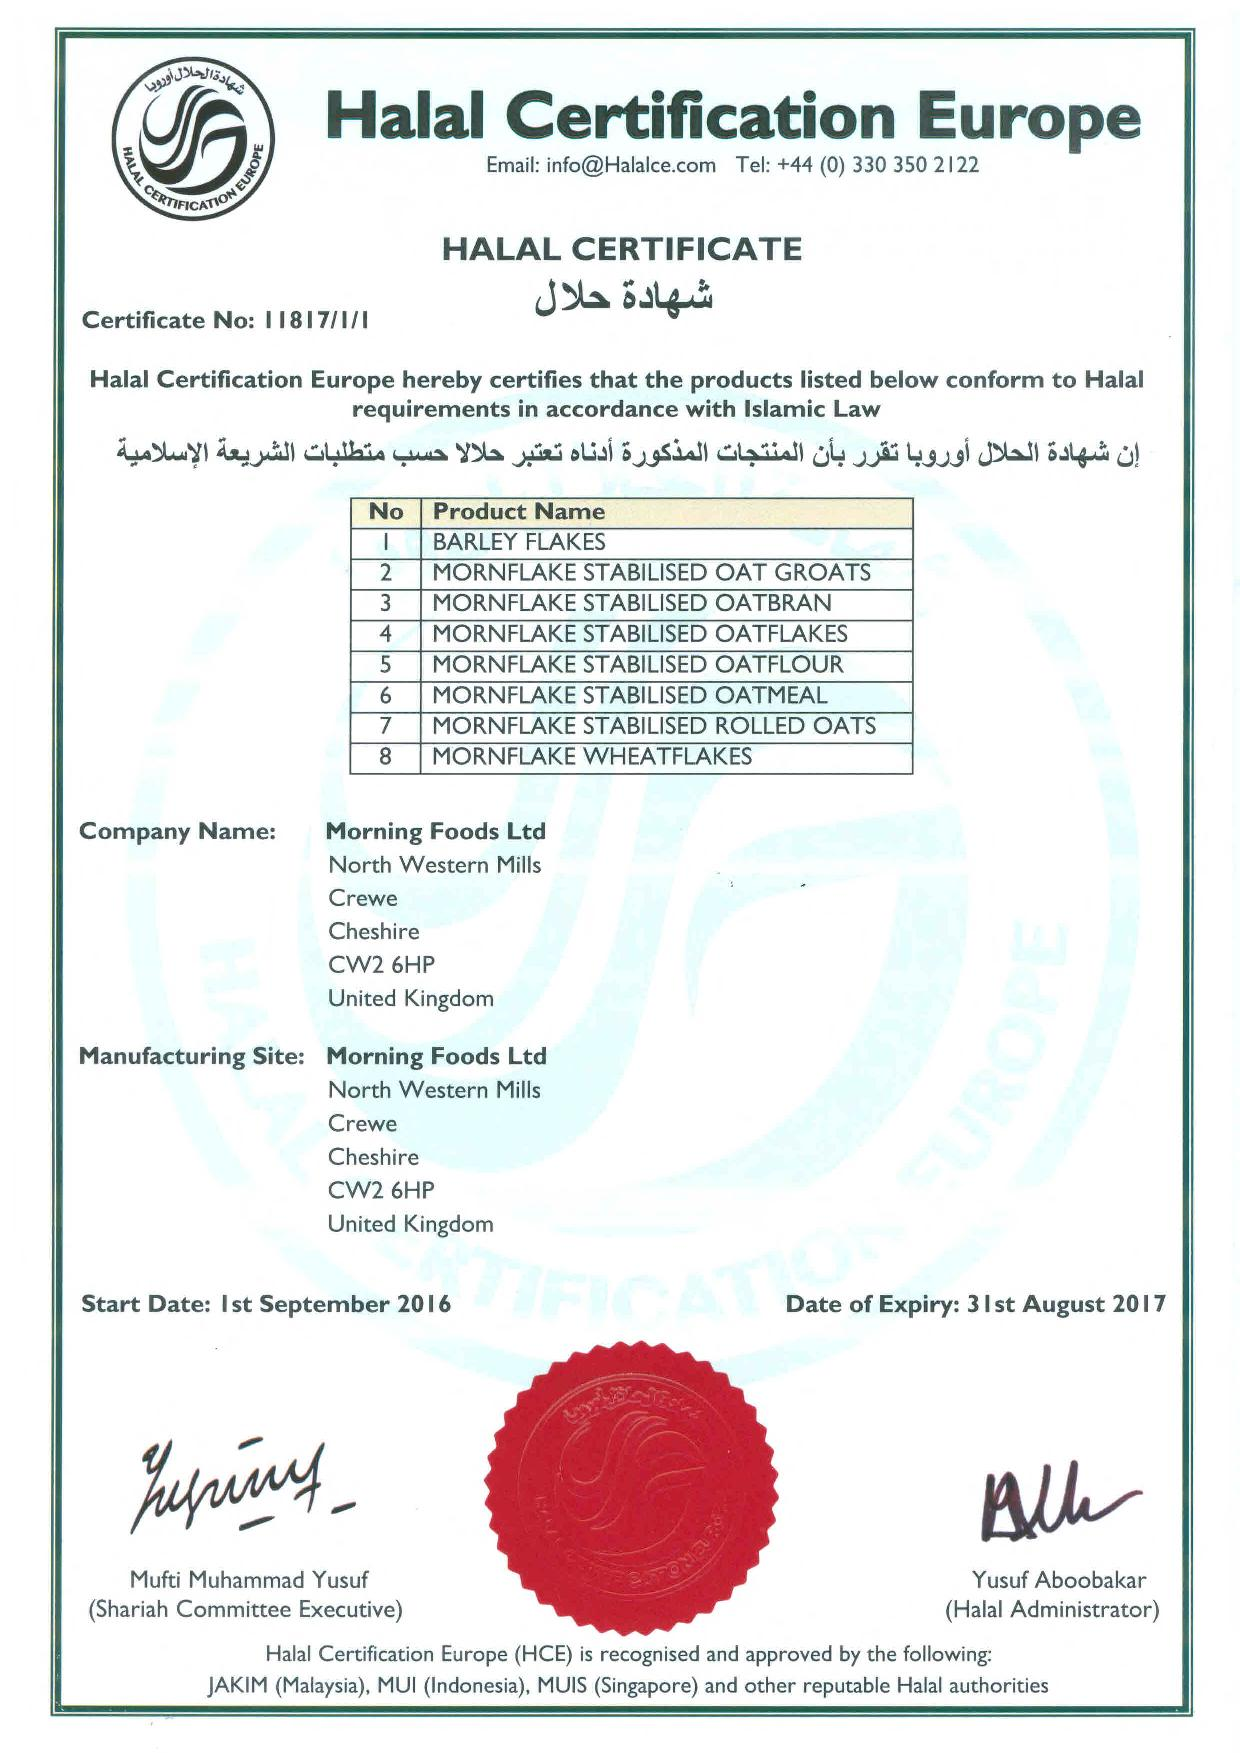 Hve Global Halal Network Halal Certification Europe